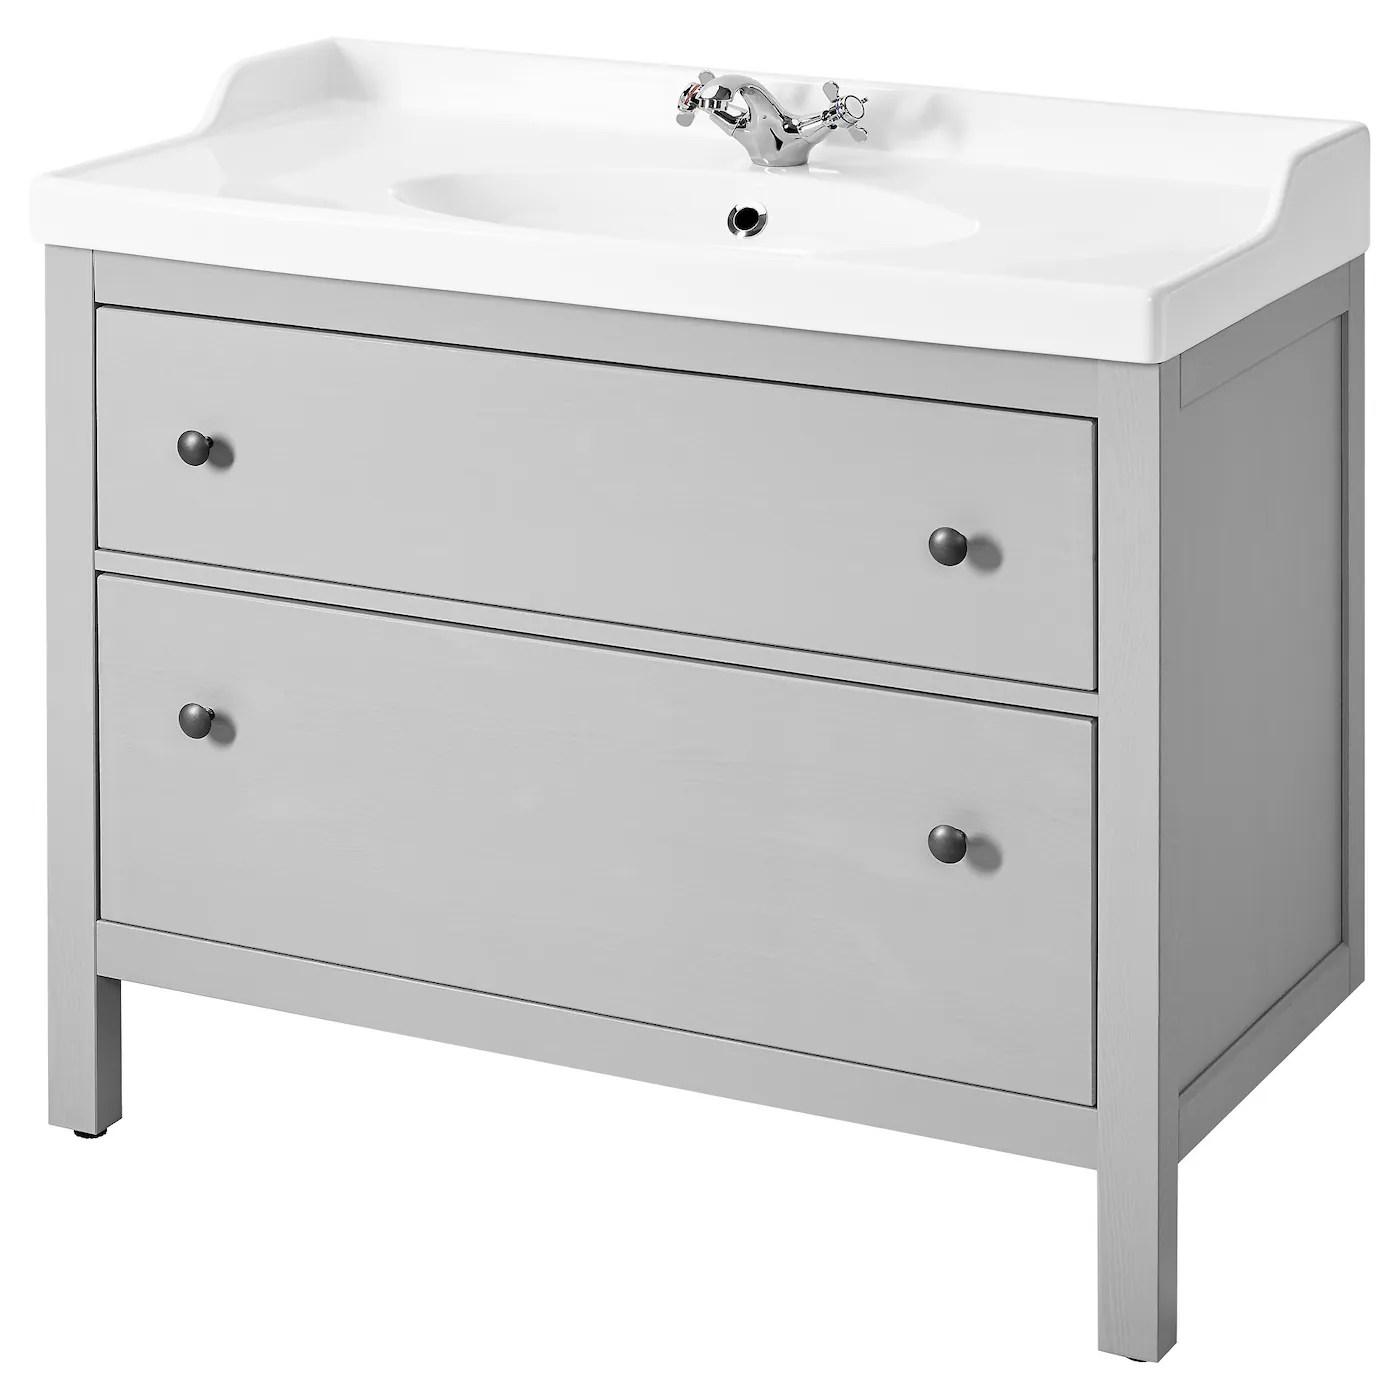 hemnes rattviken bathroom vanity gray runskar faucet 40 1 8x19 1 4x35 102x49x89 cm